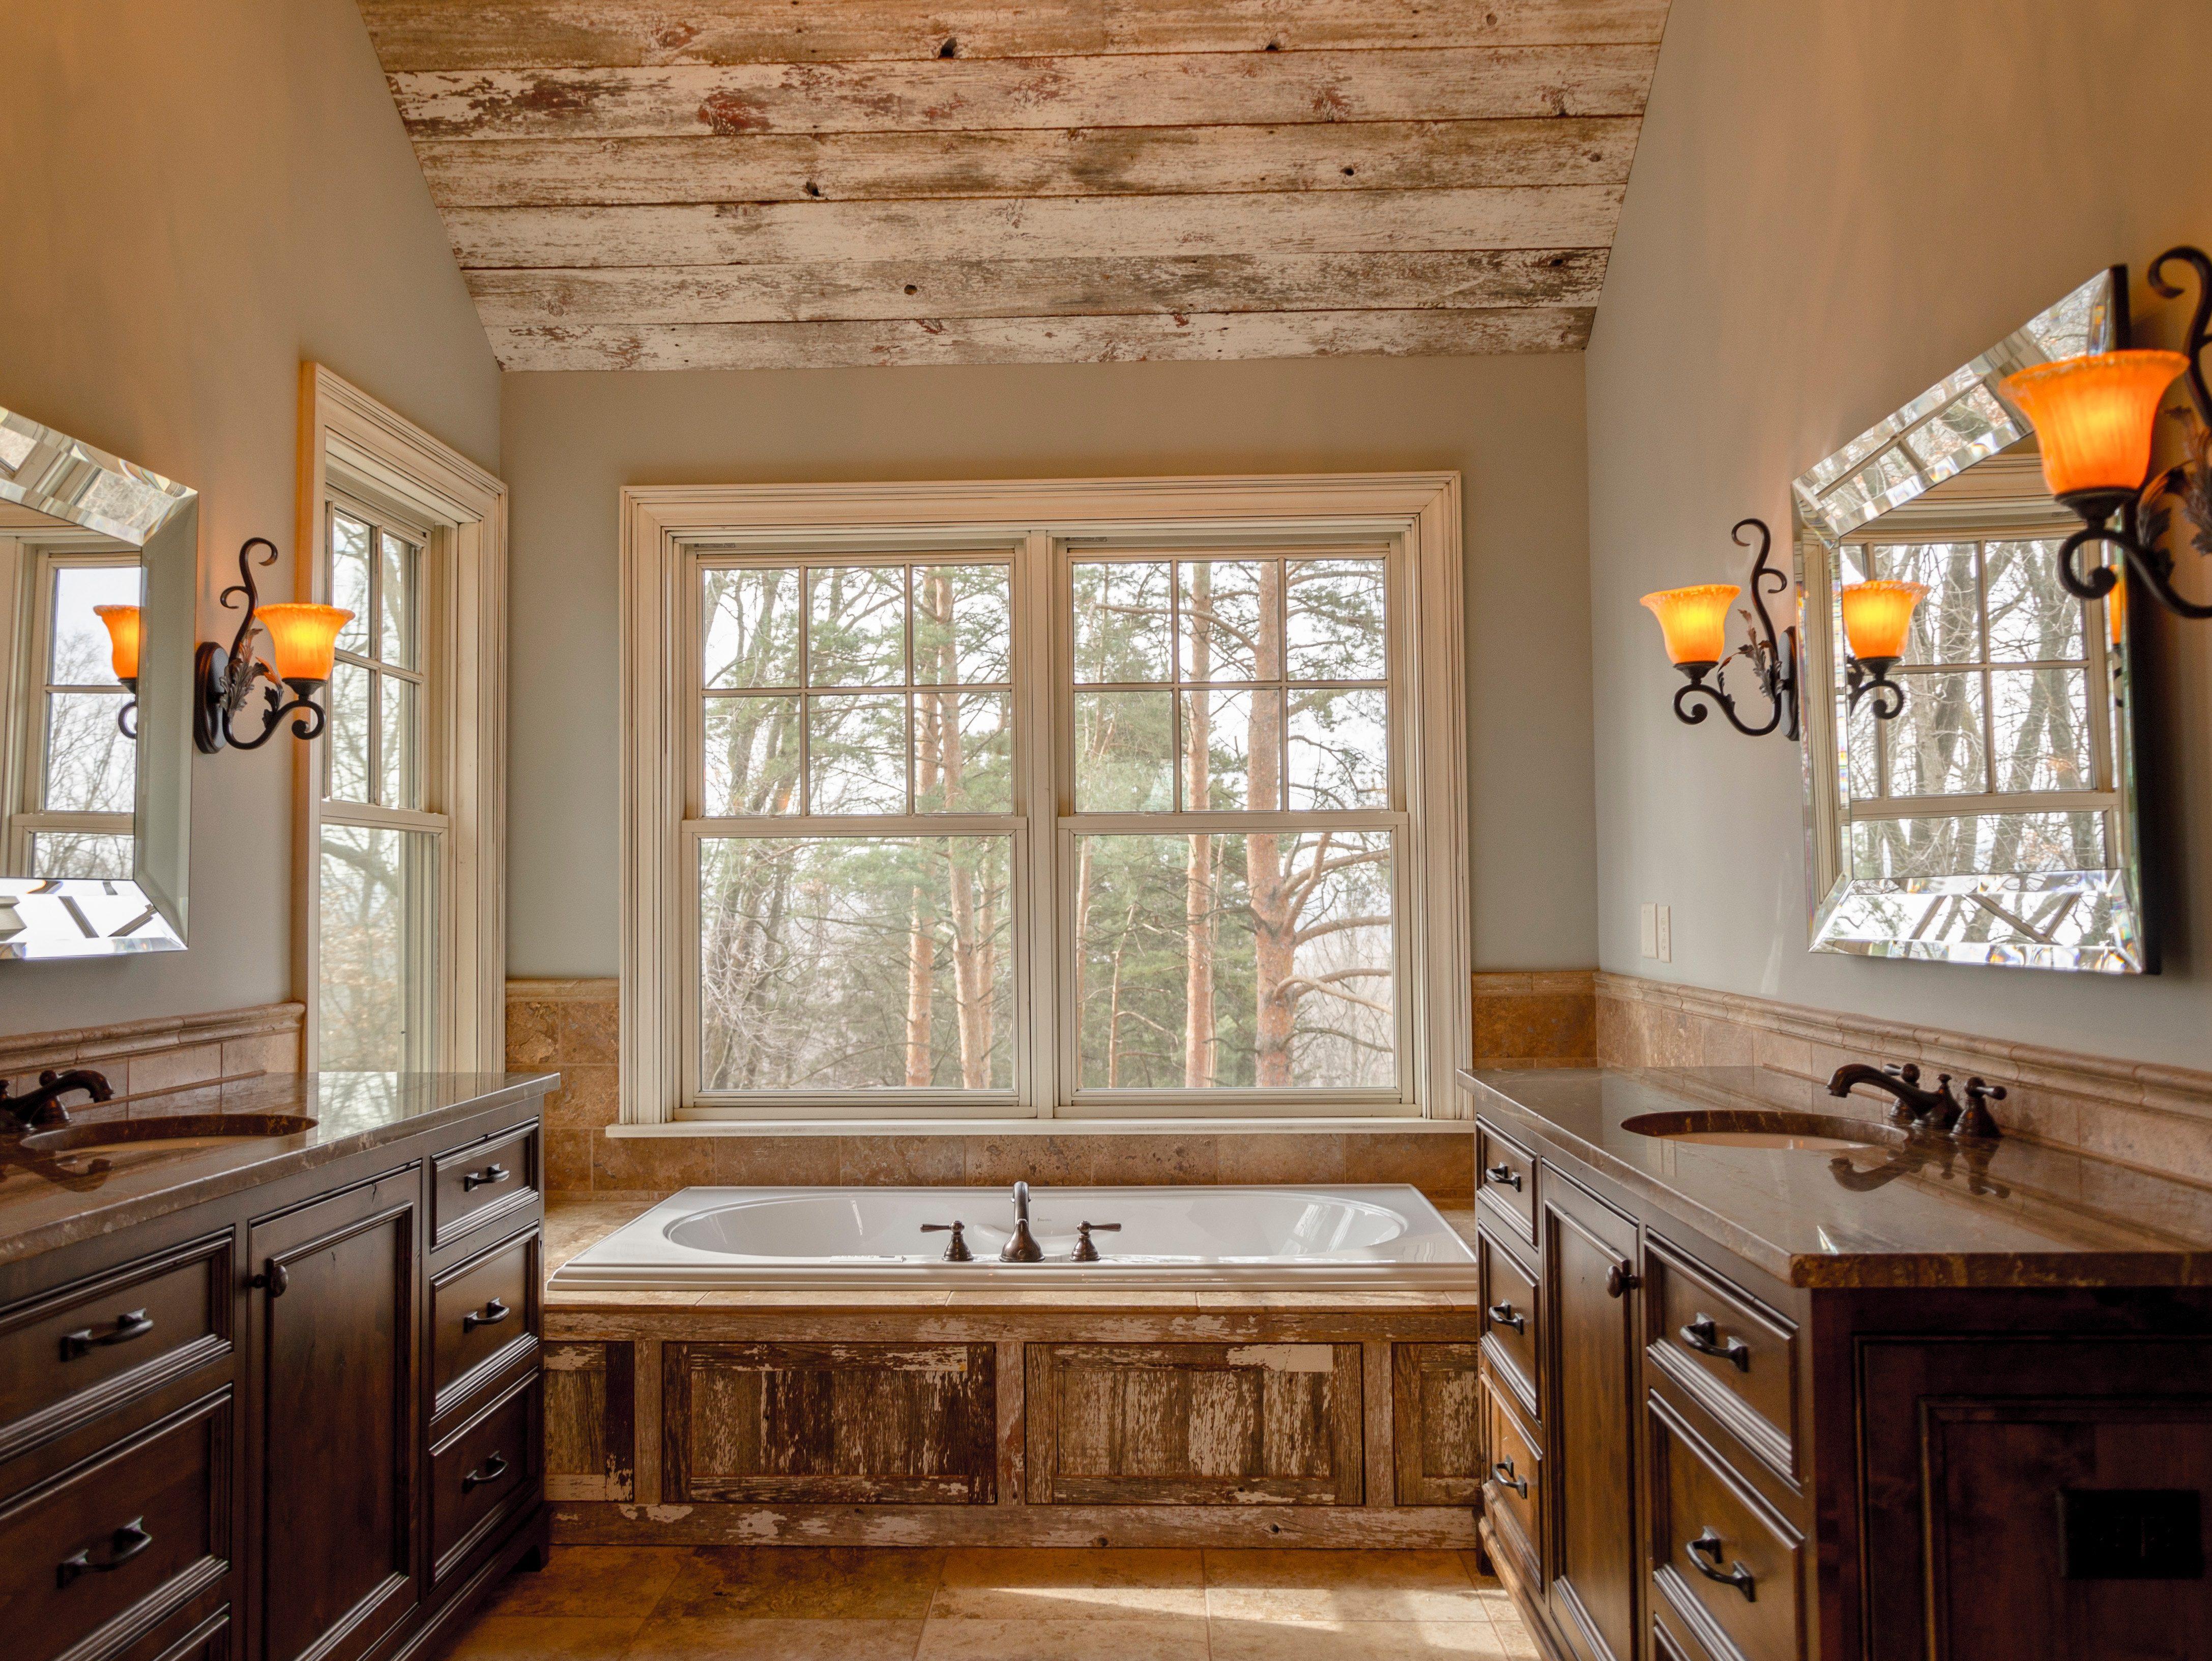 Ideen für das Badezimmer im Landhausstil – BadSan